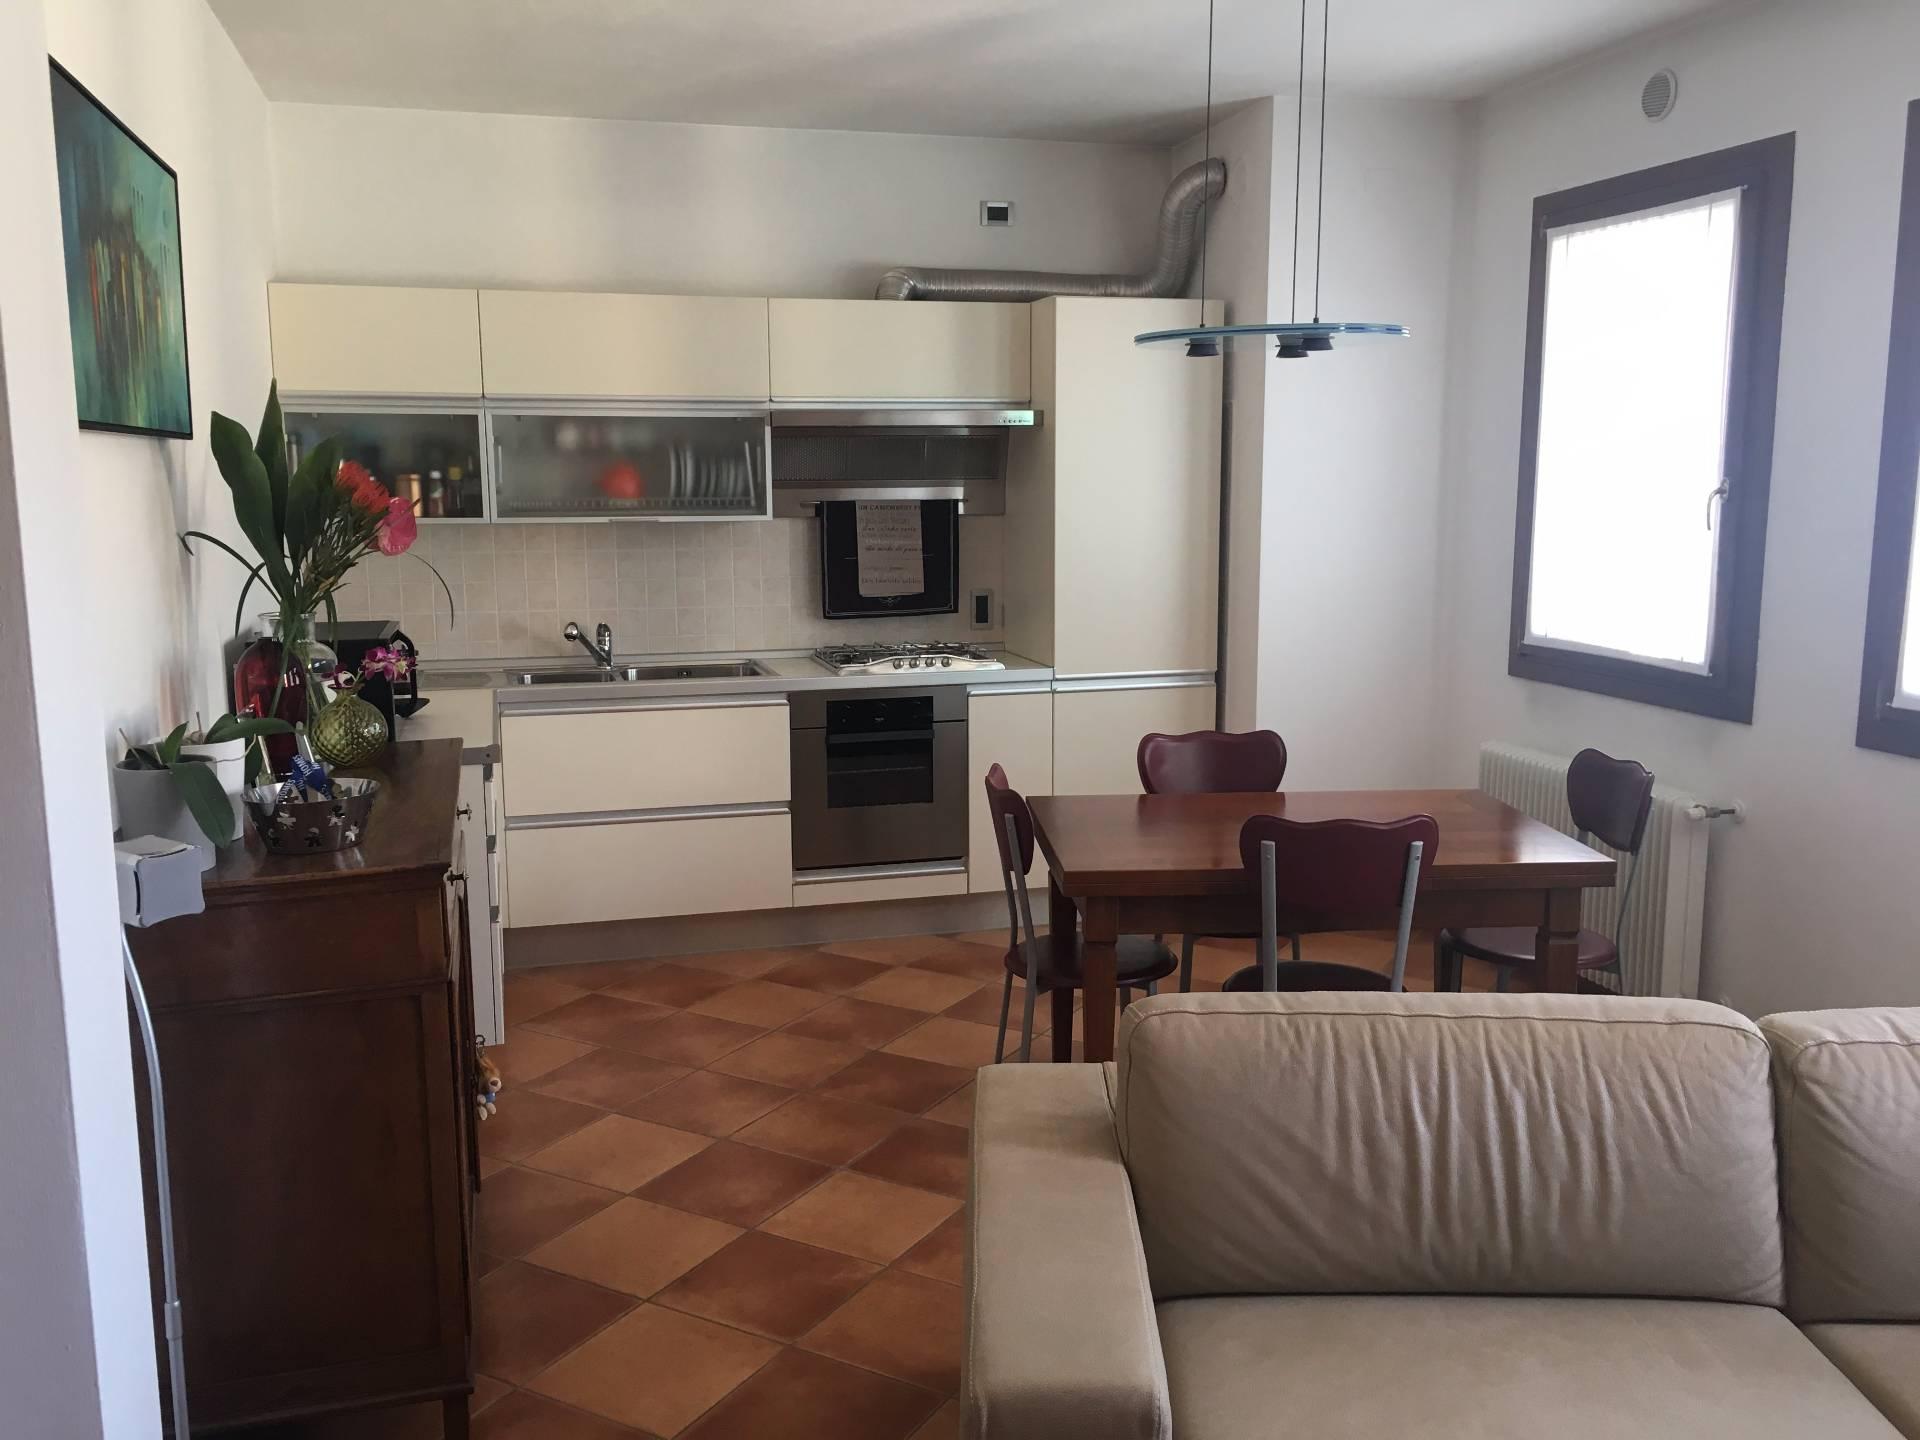 Appartamento in vendita a Sernaglia della Battaglia, 5 locali, zona Località: FalzèdiPiave, prezzo € 95.000 | CambioCasa.it